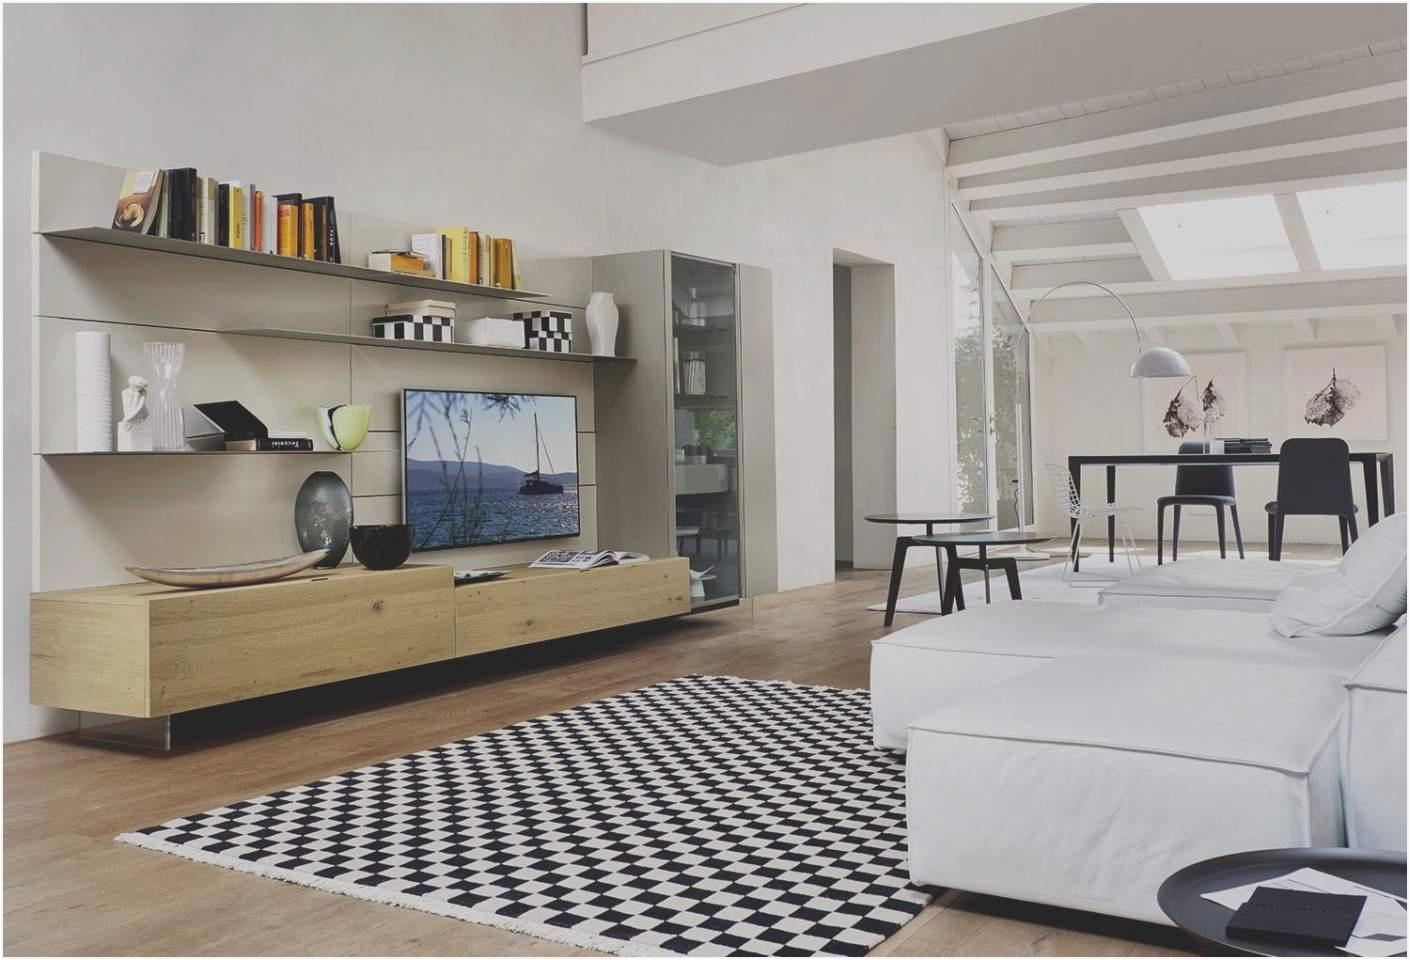 Badezimmer Ideen Schöner Wohnen Wohnzimmer Verschönern Ideen Wohnzimmer Traumhaus